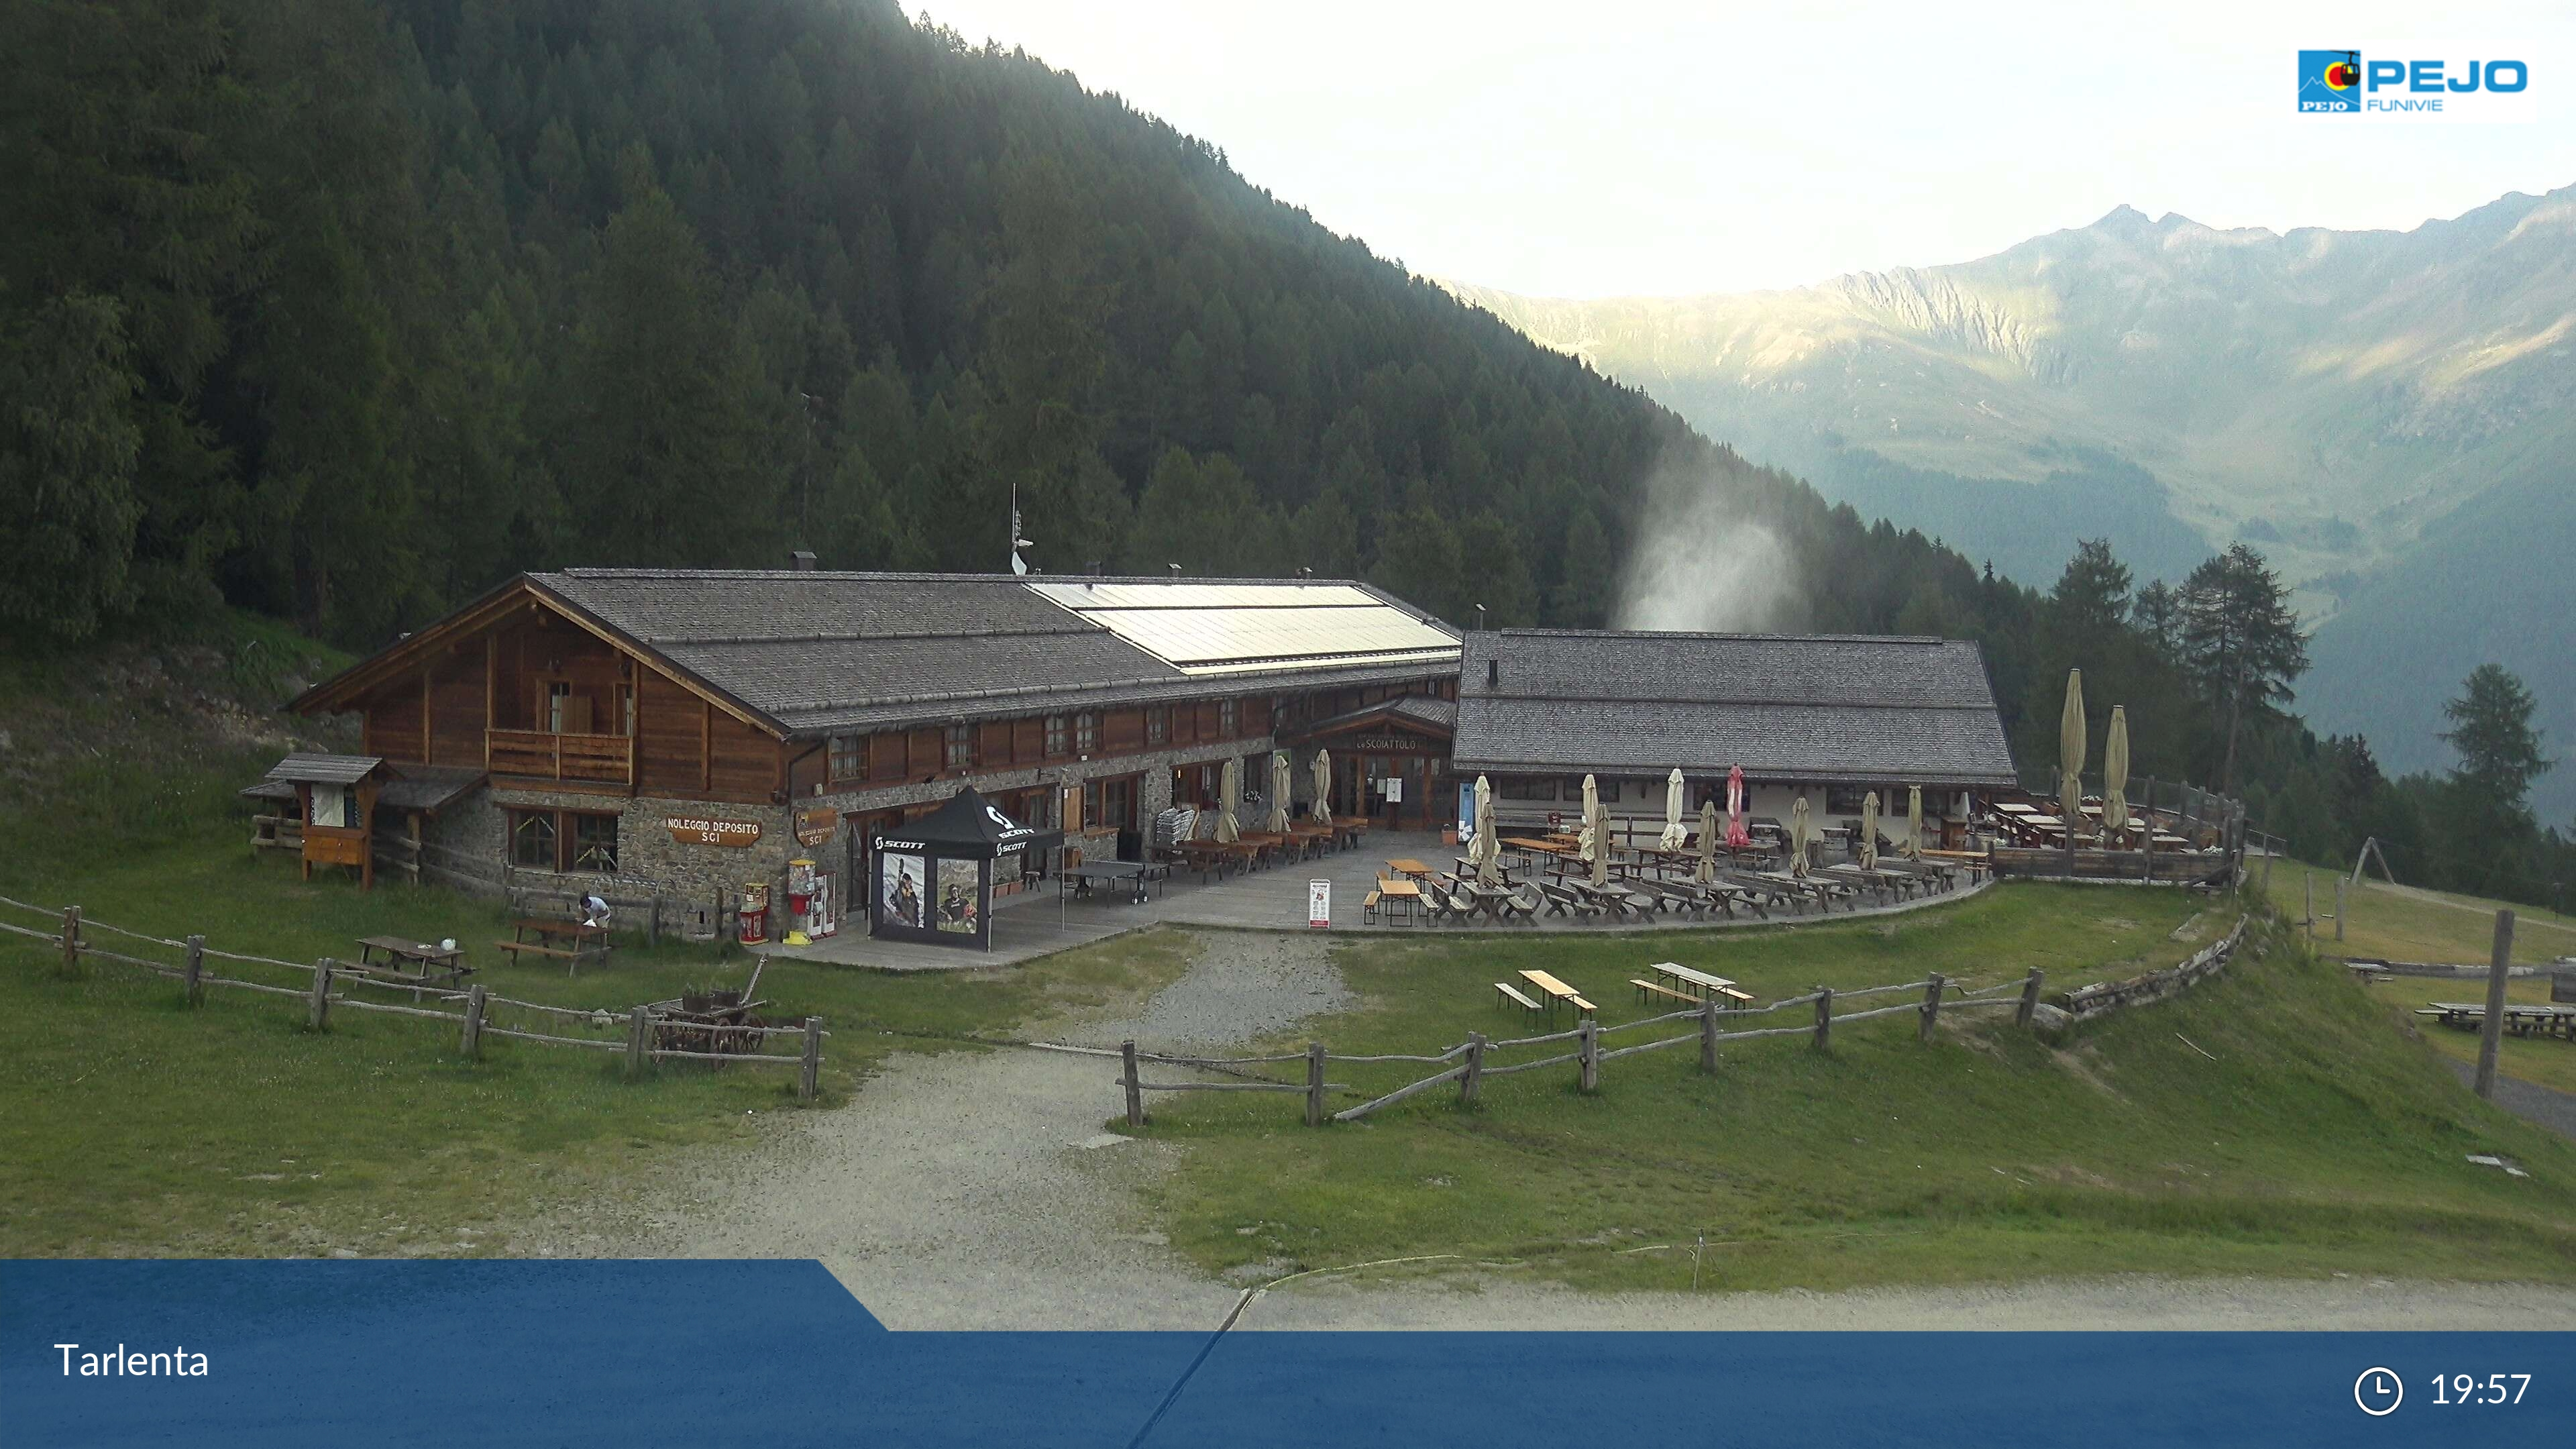 Webcam Rifugio Scoiattolo - Pejo